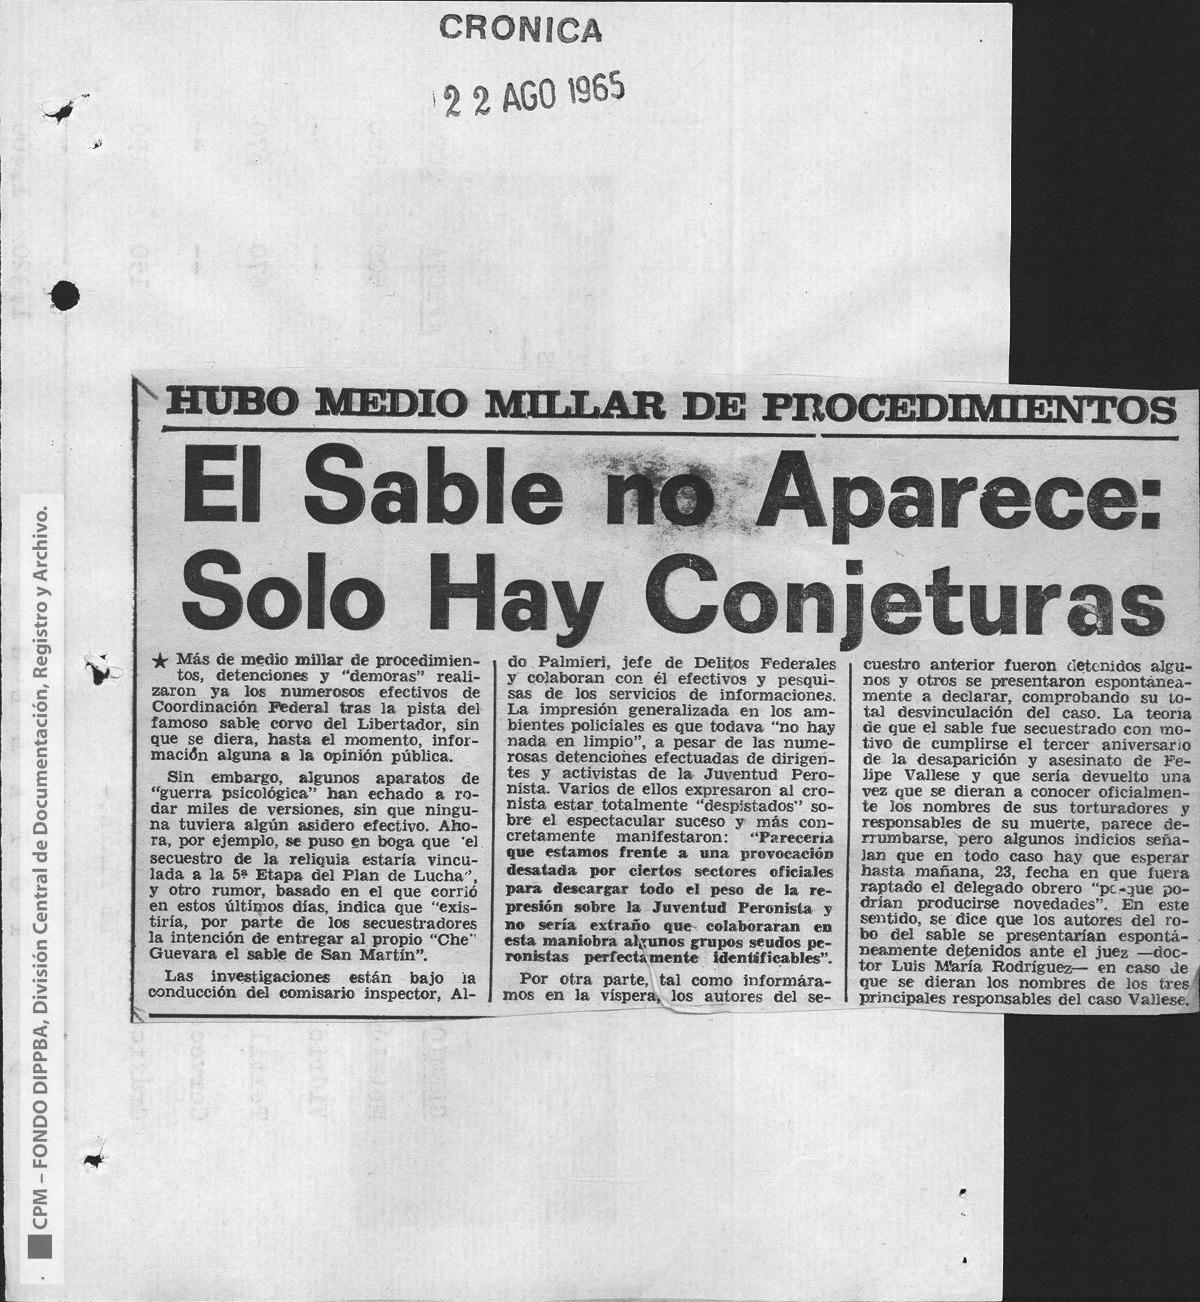 Juan-Ignacio-Provendola-el-ojo-que-espia-libro-sudetada-03